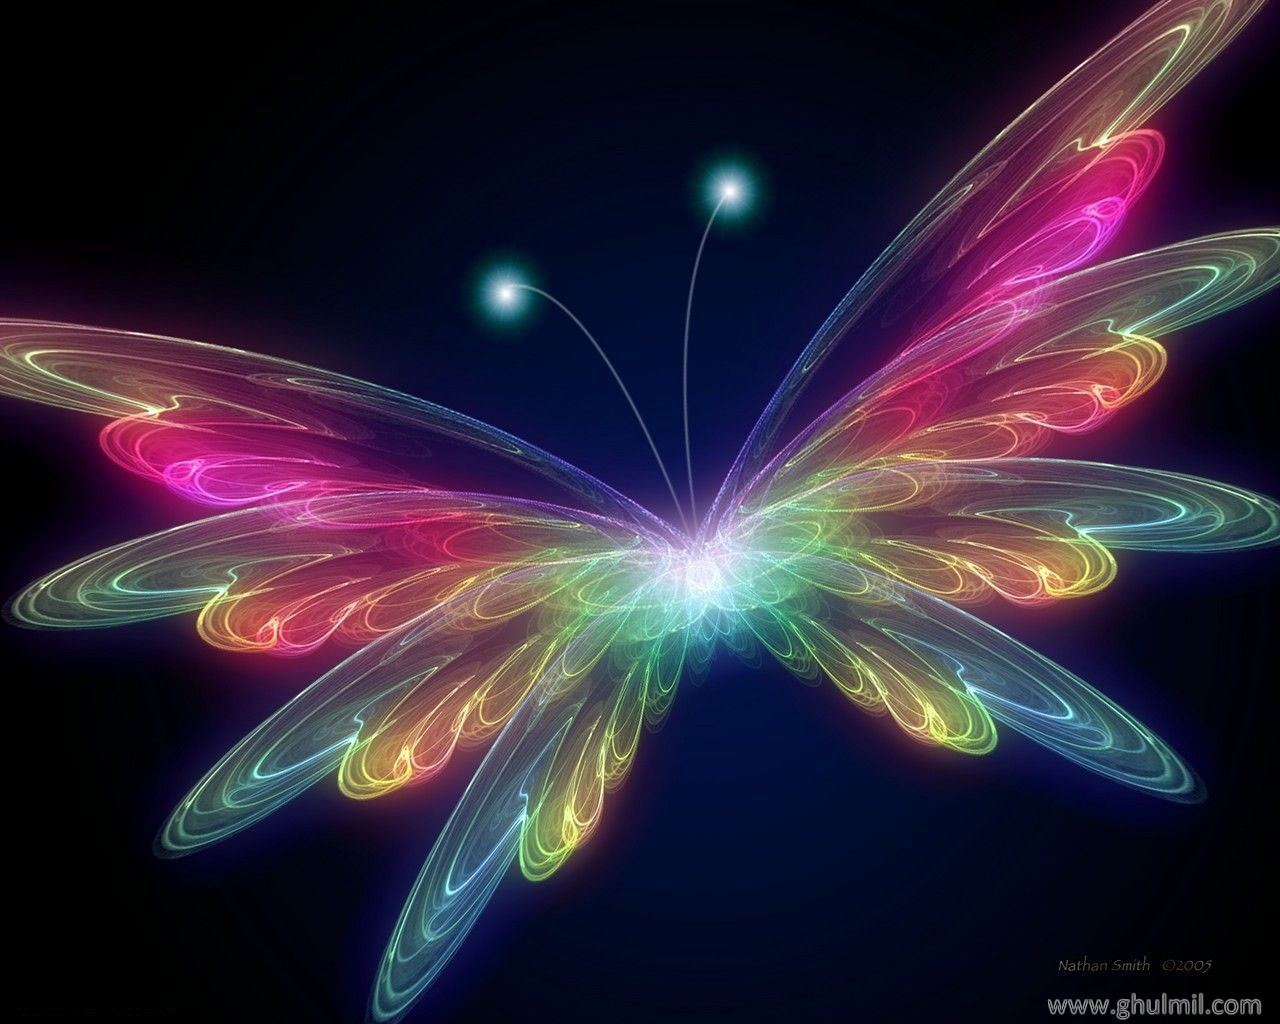 Butterflies images 3D Butterfly wallpaper HD wallpaper and 1280x1024